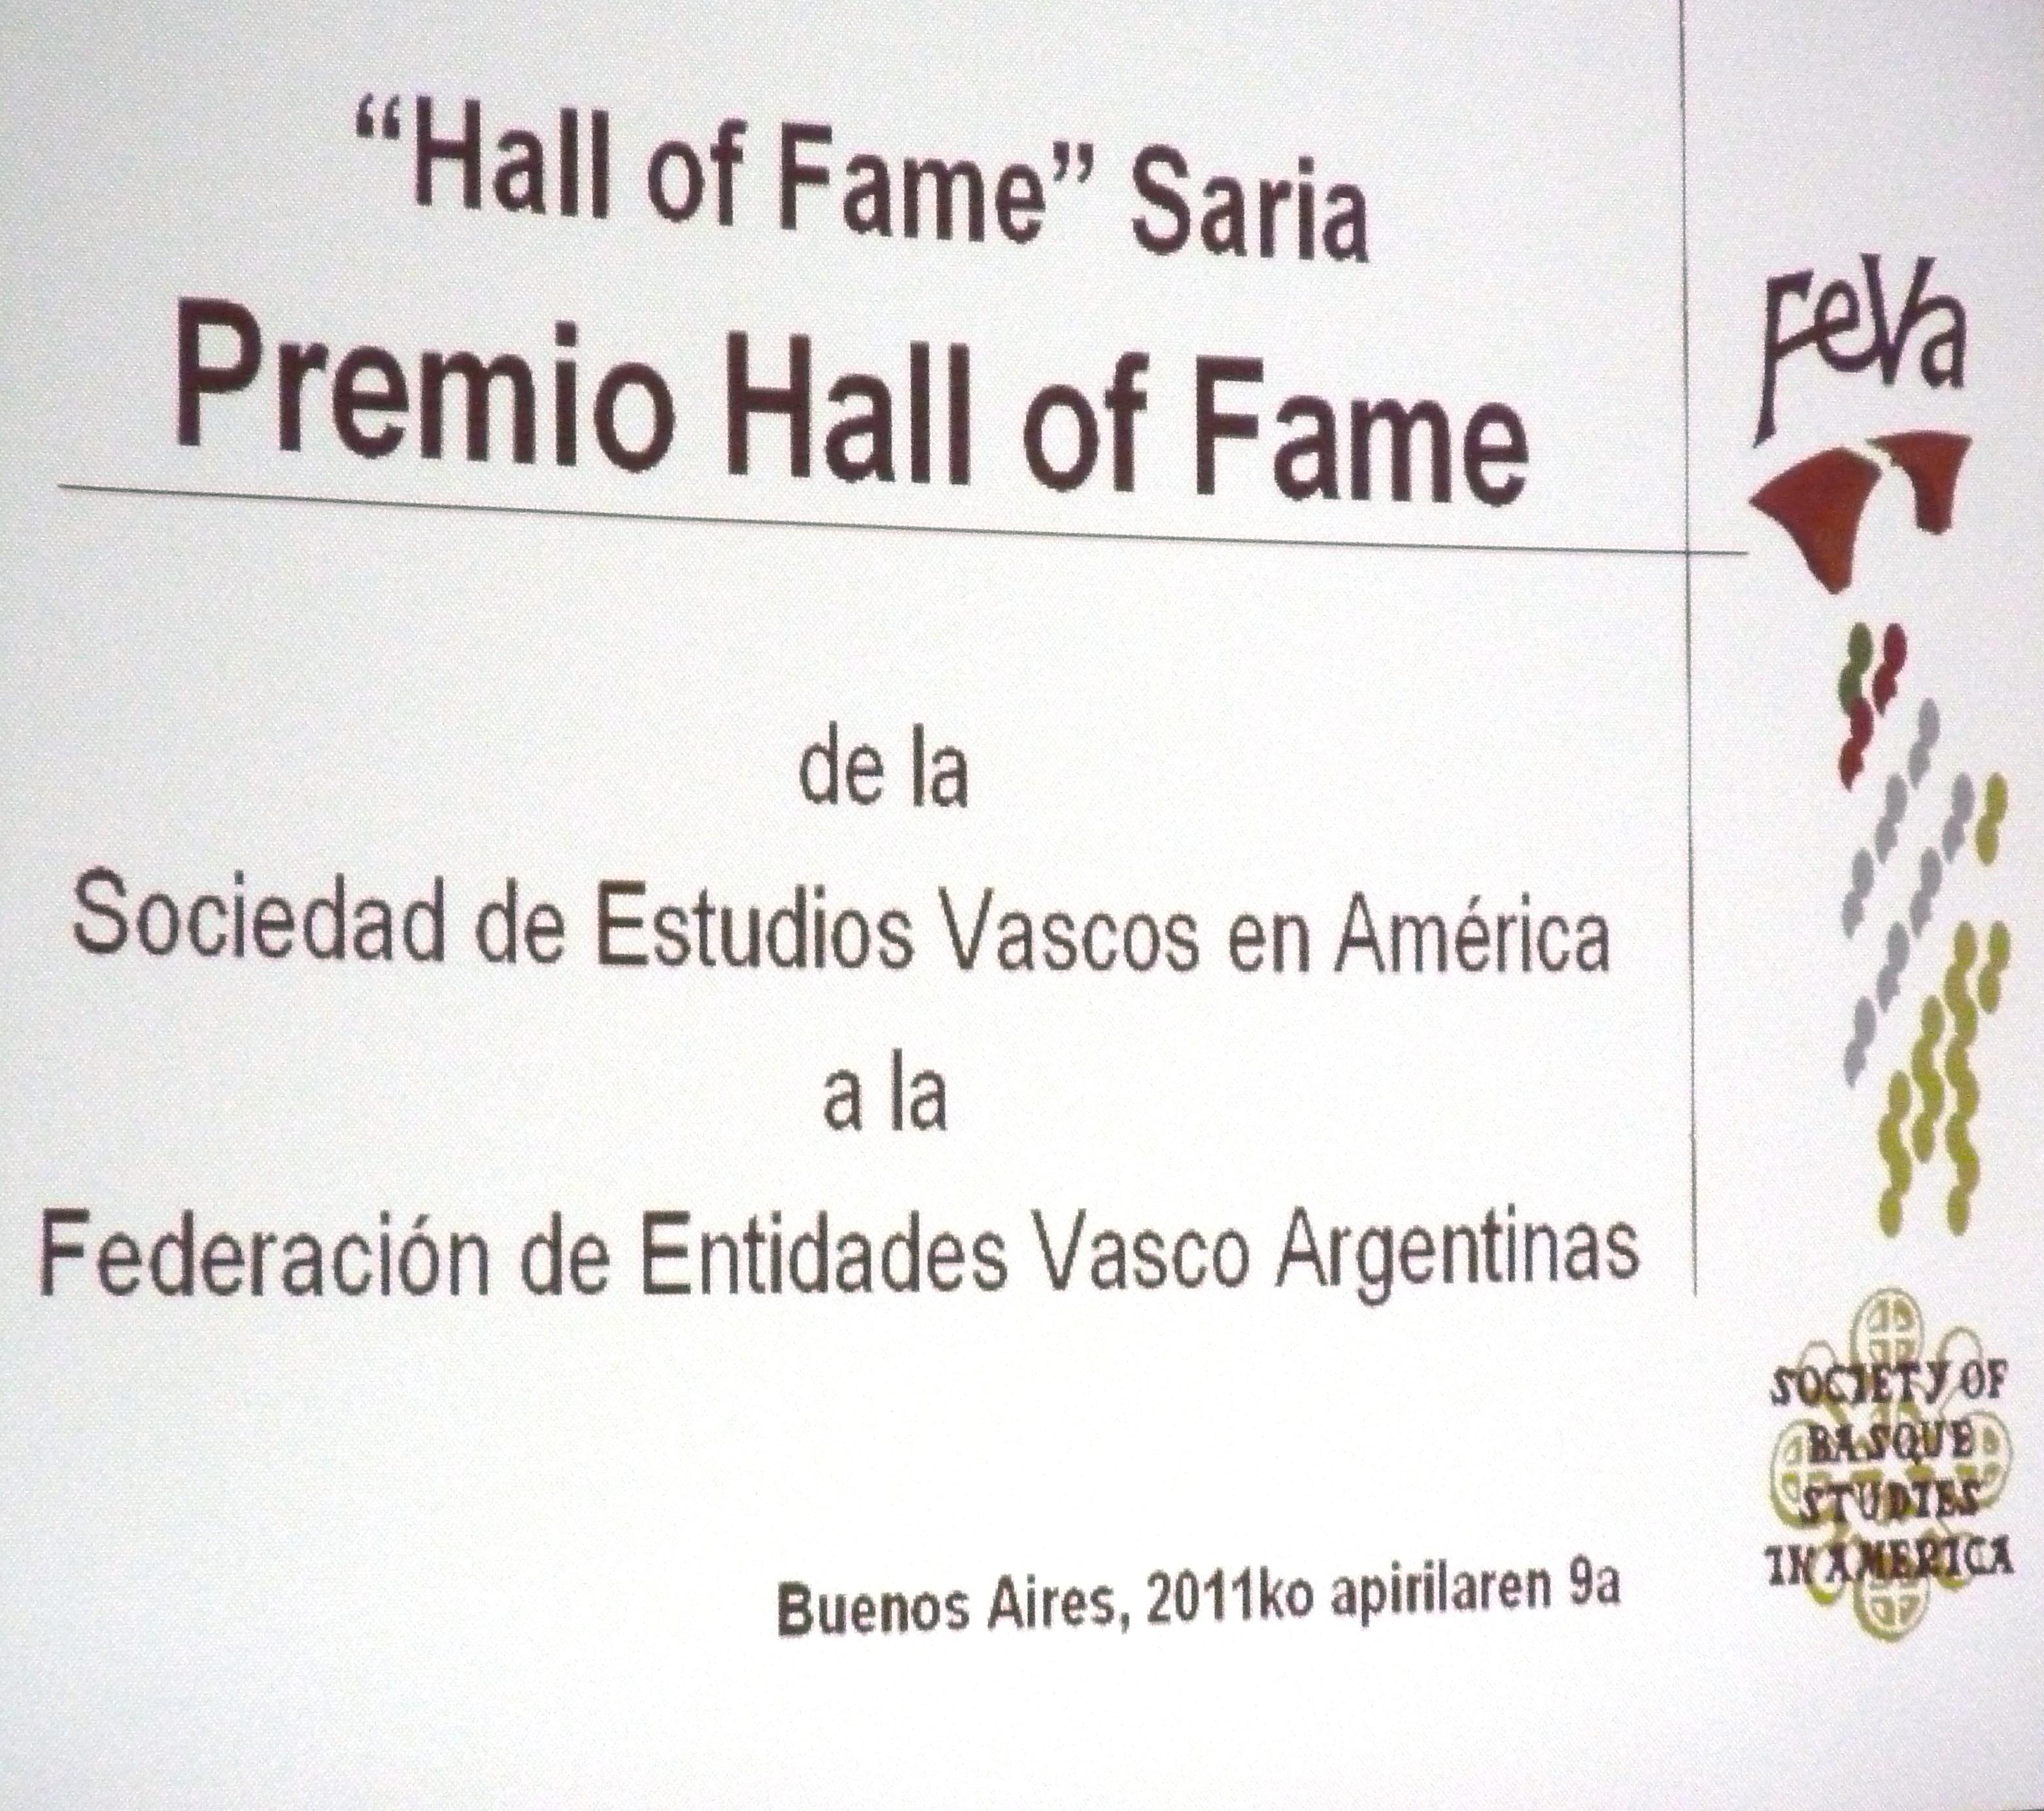 La Sociedad de Estudios Vascos en América premia a la FEVA en Argentina [2:36]